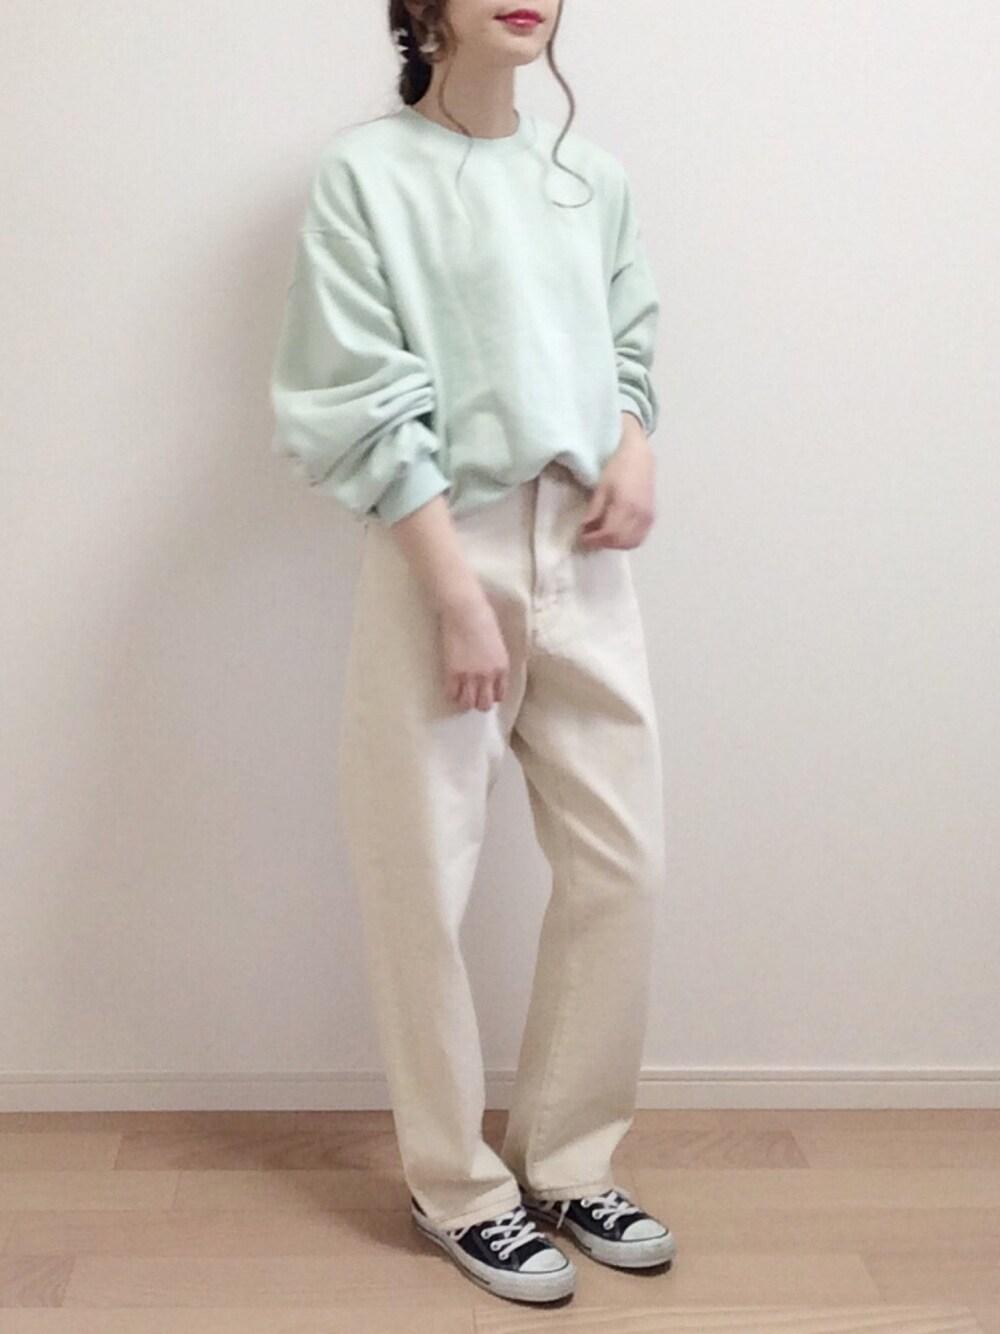 爽やか ファッション ママコーデ グリーン トレーナー 30代